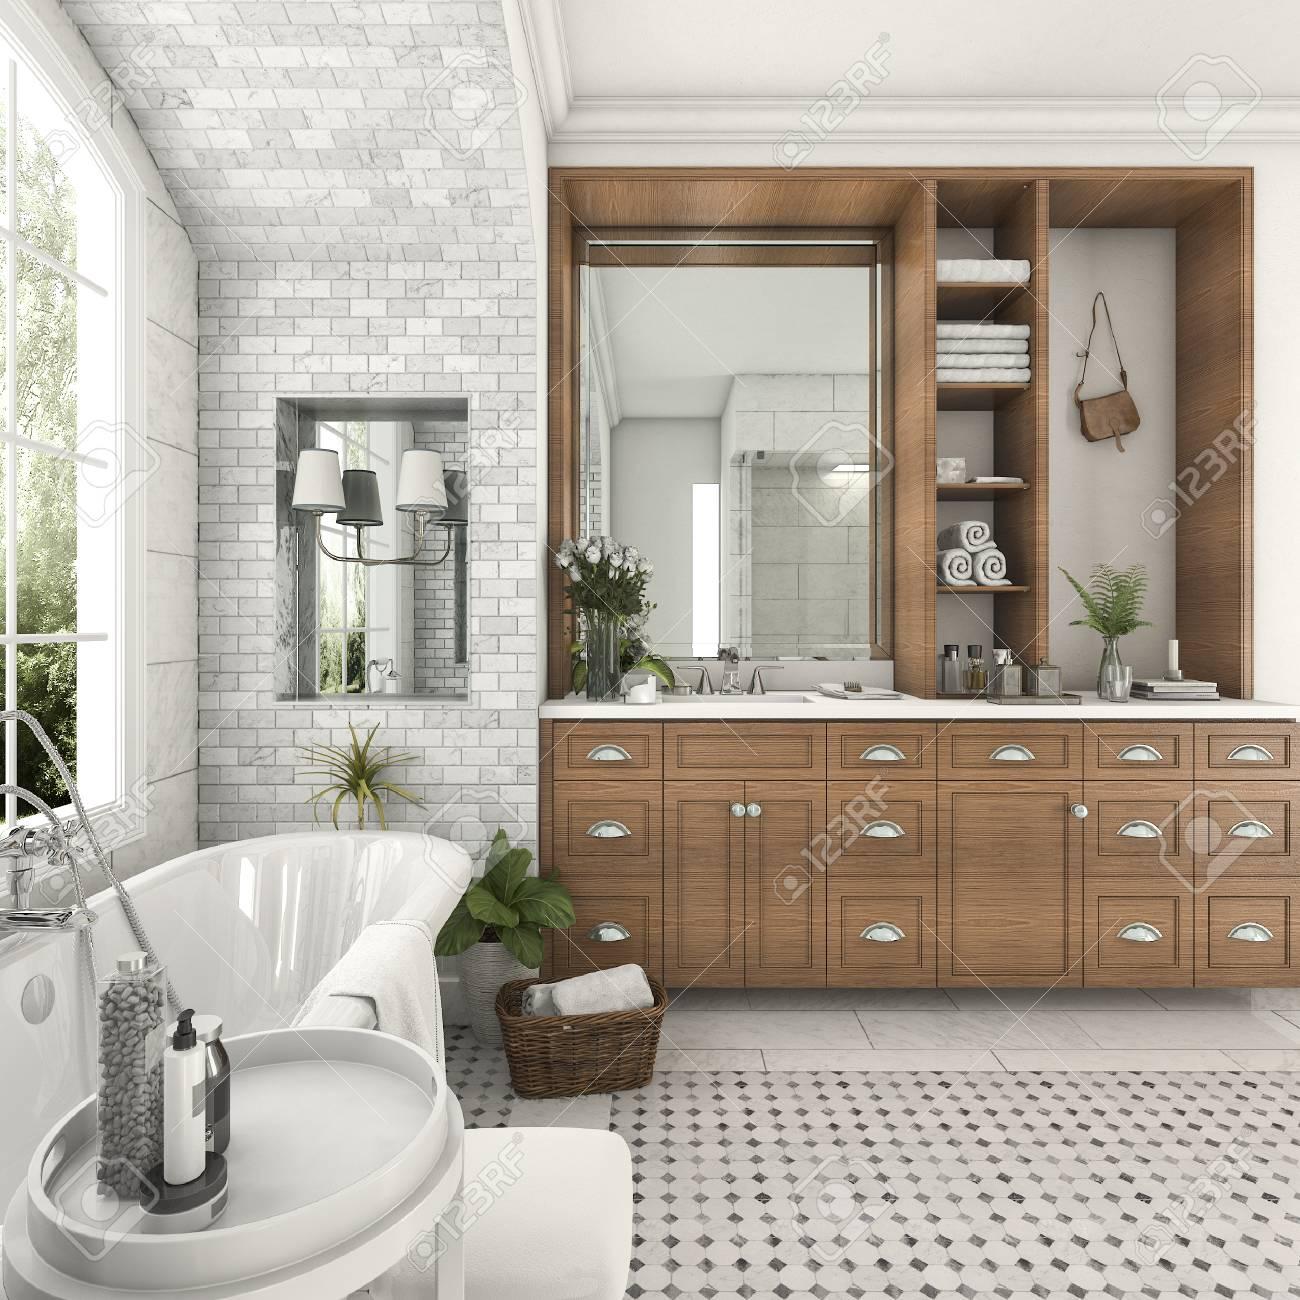 Diseño Cuartos De Baño Azulejos   Qué Azulejos Elegir Para El Baño ...